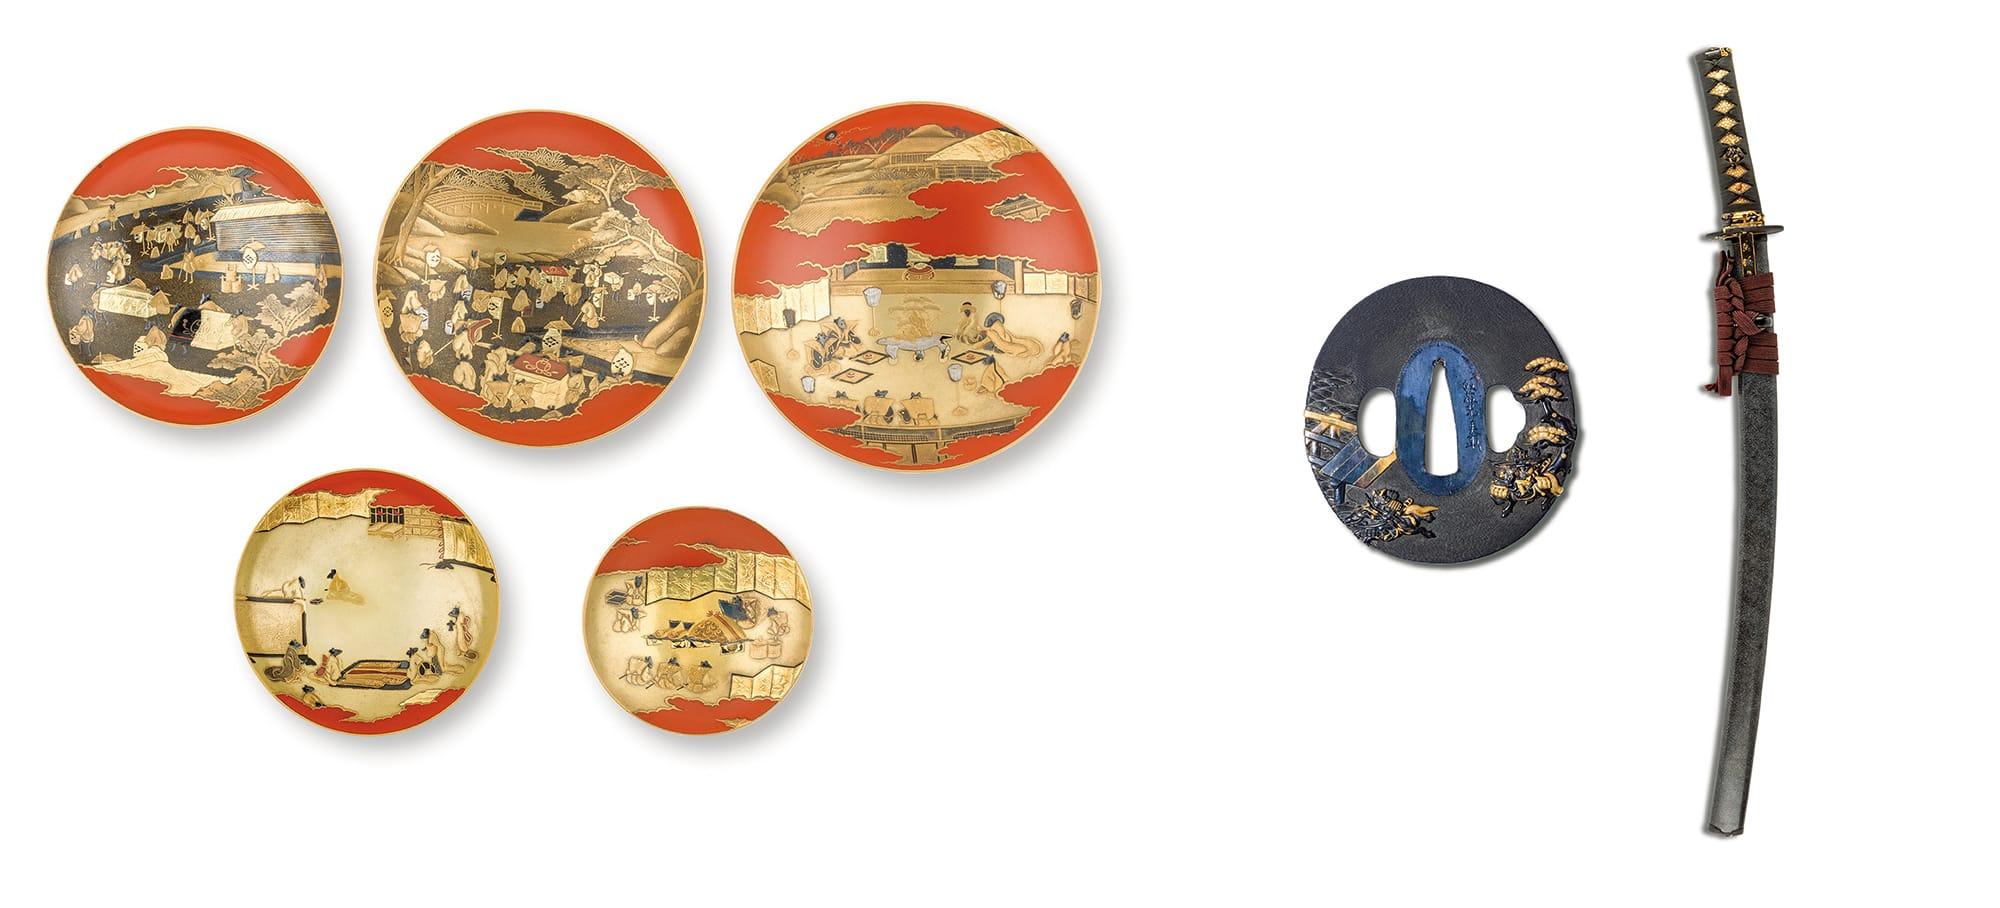 左:朱漆塗鼠嫁入蒔絵組盃(浮船/作) 江戸時代 19世紀 ベニス東洋美術館蔵右:藍鮫研出鞘脇指拵(鐔 銘 後藤光美、目貫 割際端銘 光・美、小柄・笄 無銘) 江戸時代 19世紀 ベニス東洋美術館蔵